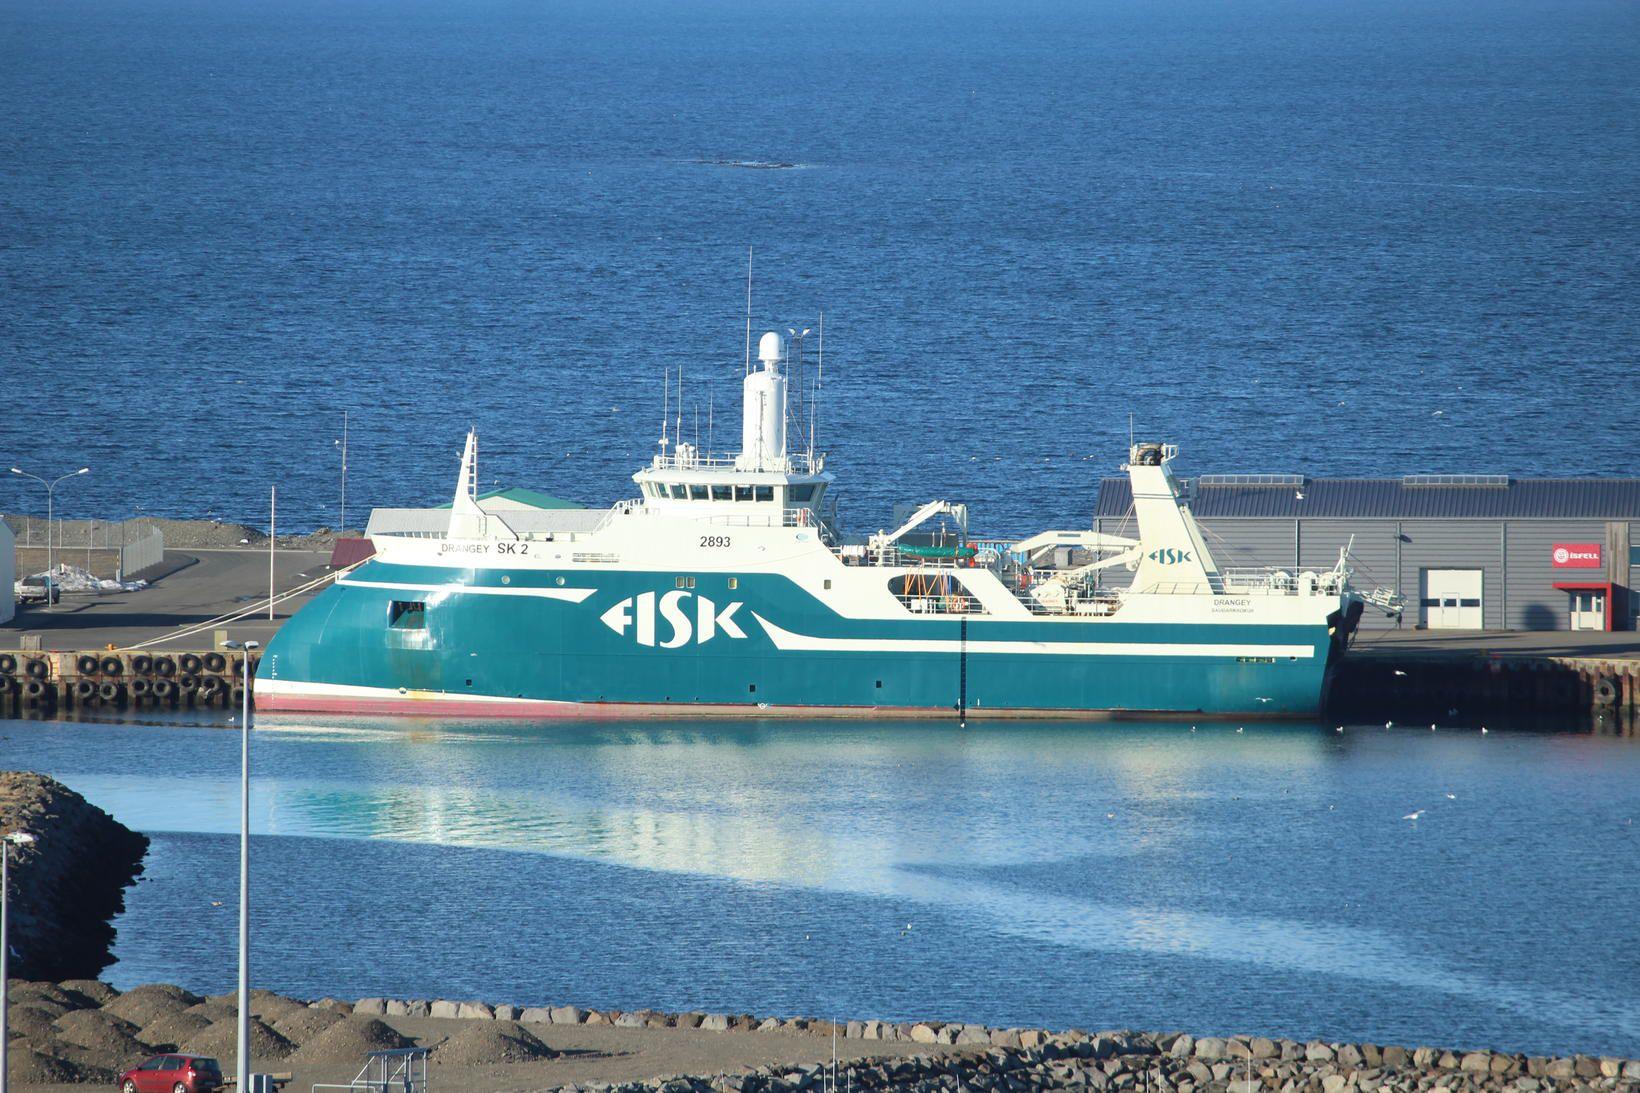 Nýr þjarkur nýtist vel í landvinnslu Fisk Seafood á Sauðárkkróki.